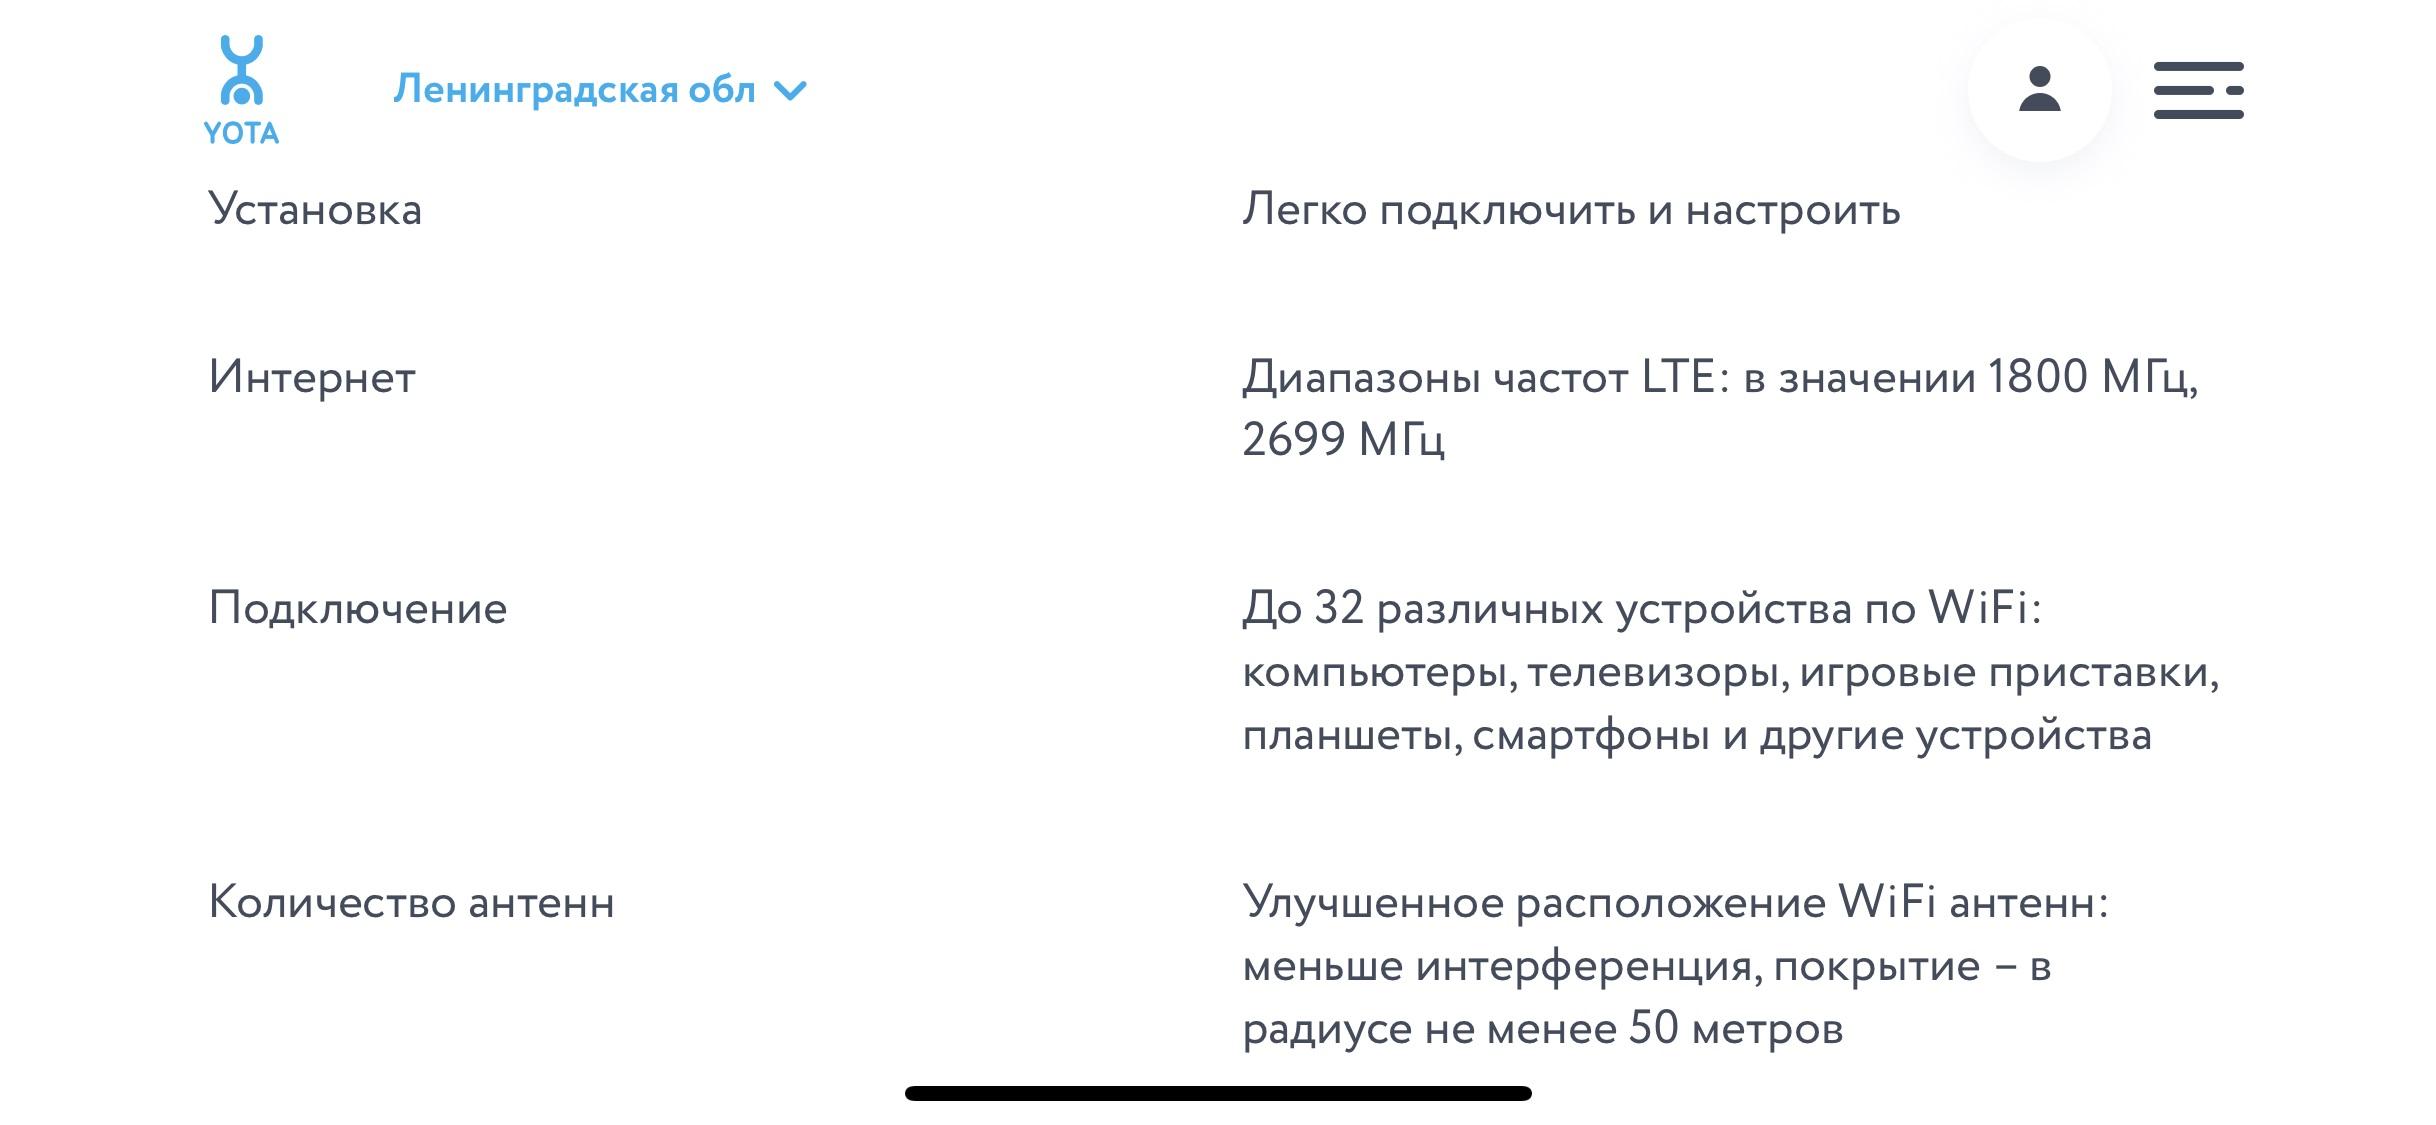 Антенна Зона покрытия 50 метров-Yota-26260-MIMO-3g-4g-antenna-ru-sotovaya-надо улучшить 4G